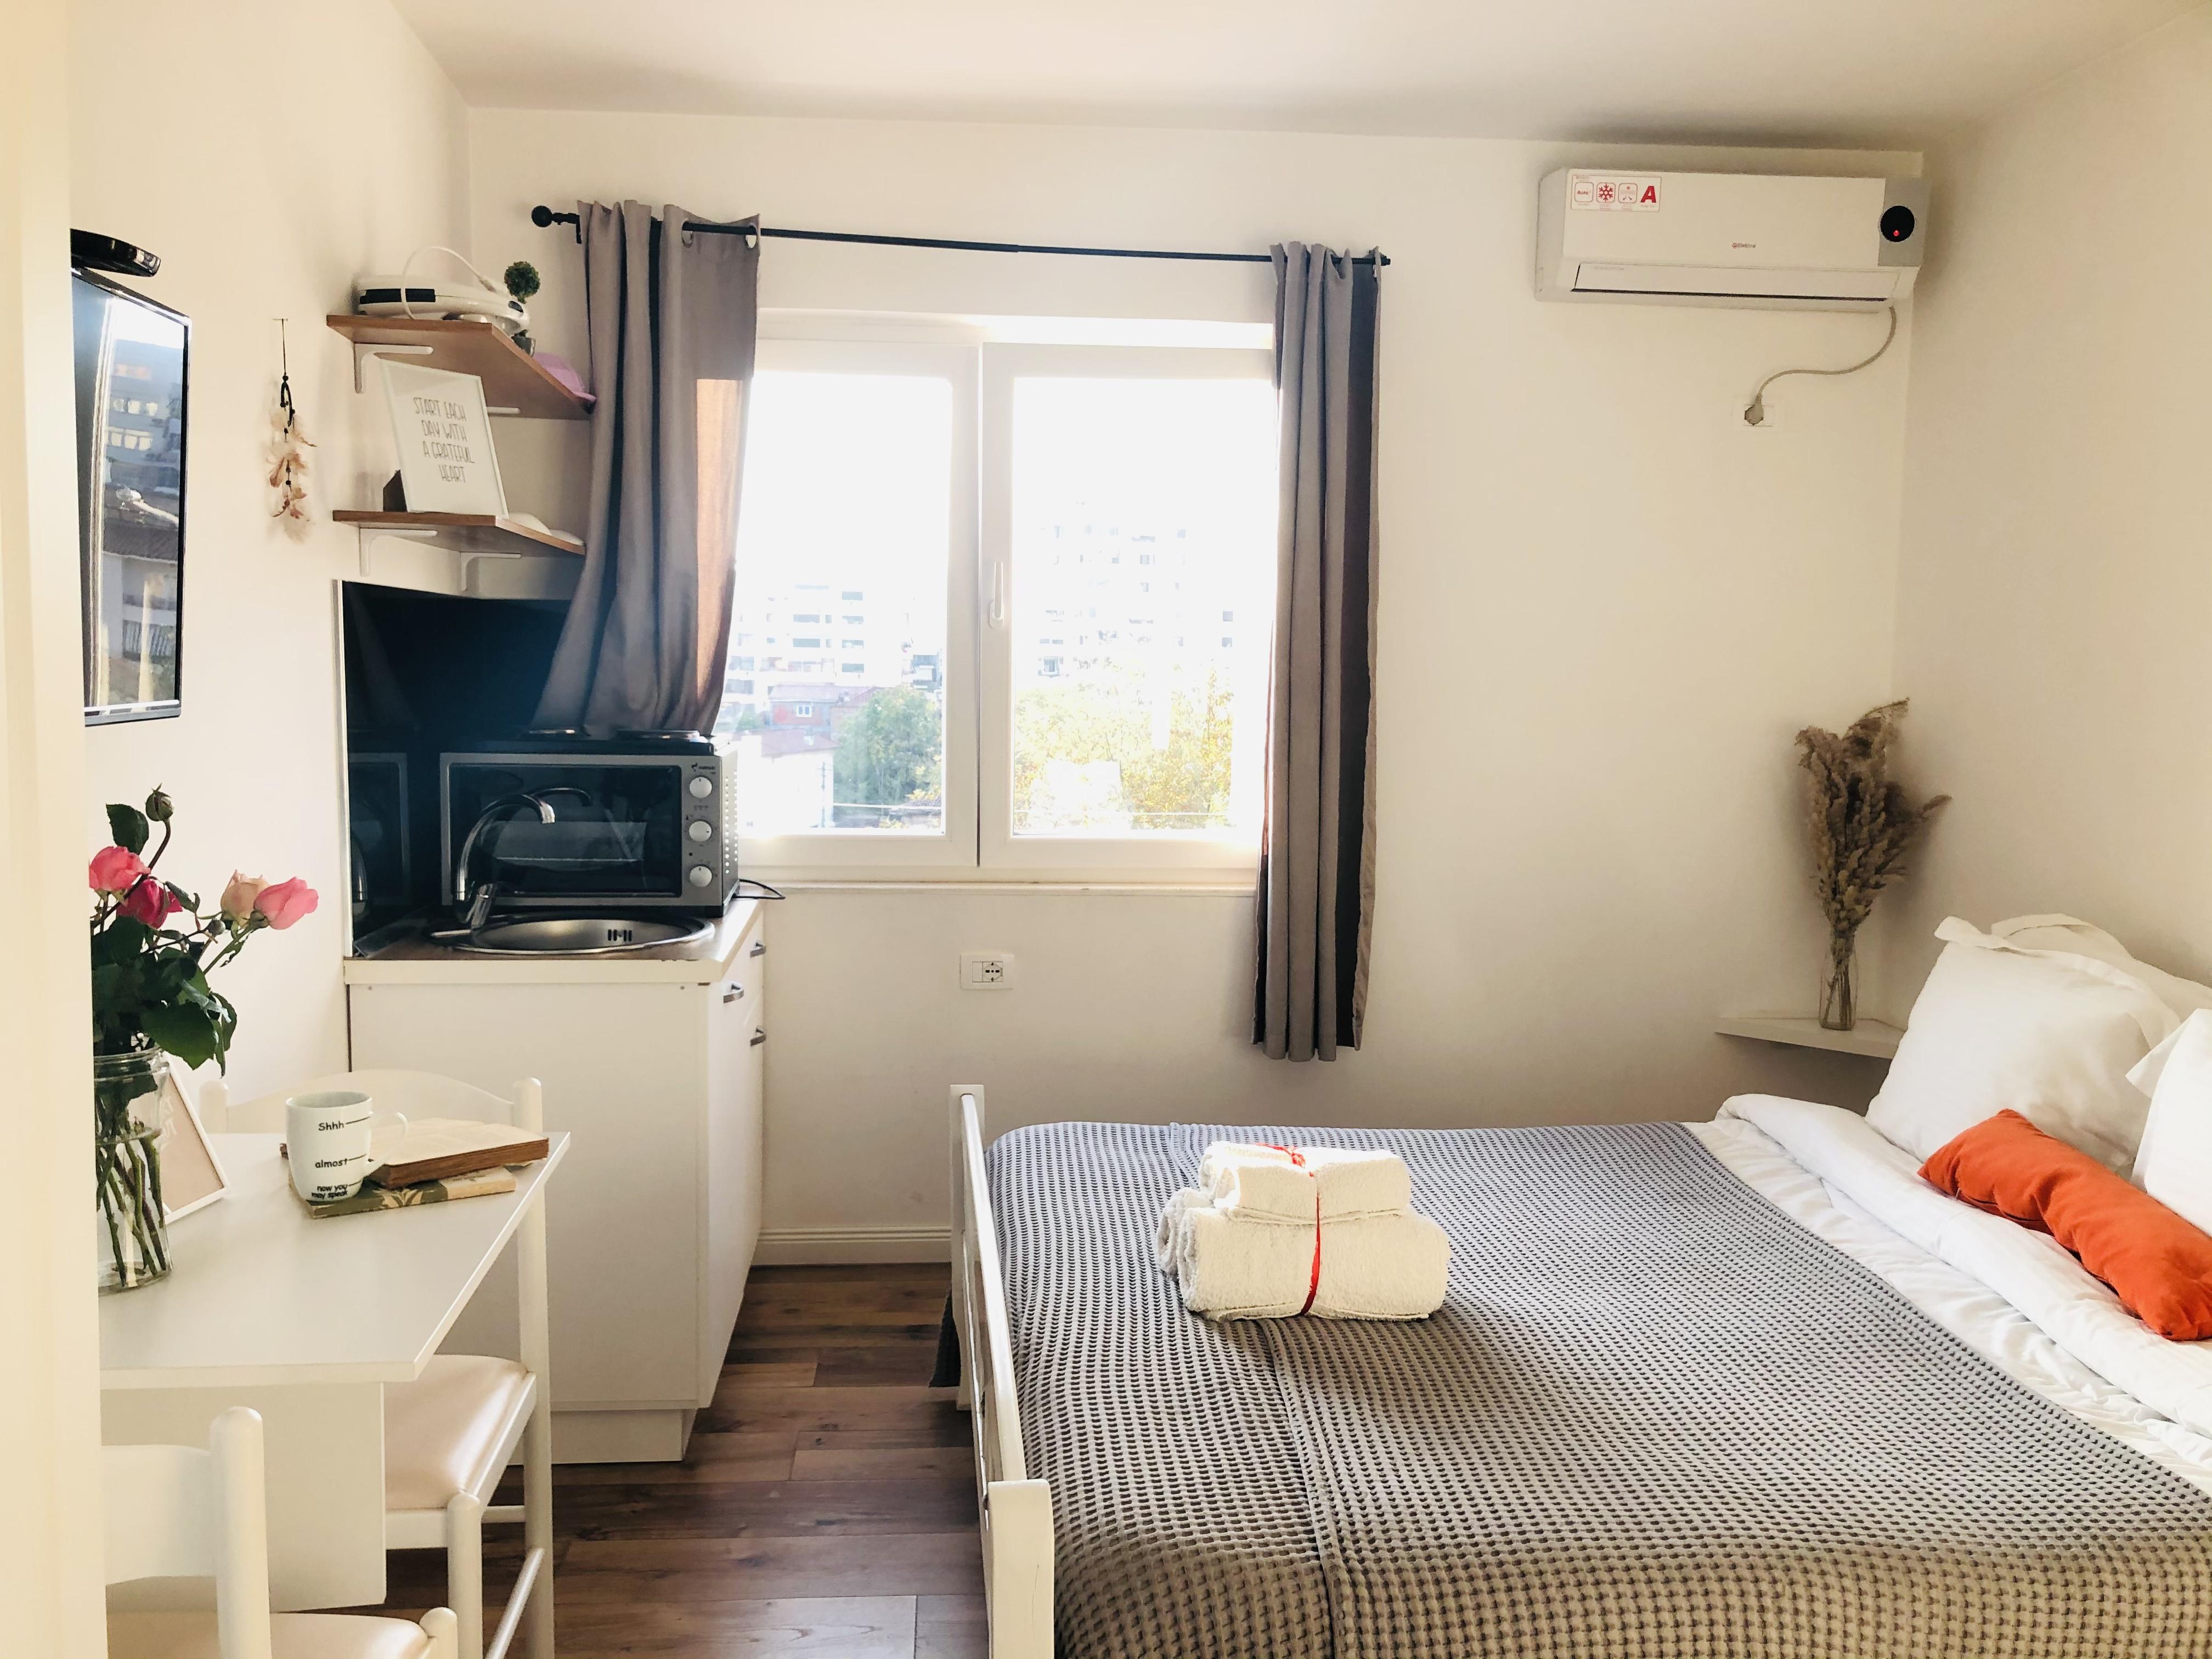 Dhoma me qera ditore prane Sheshit Skenderbej,, Tirane